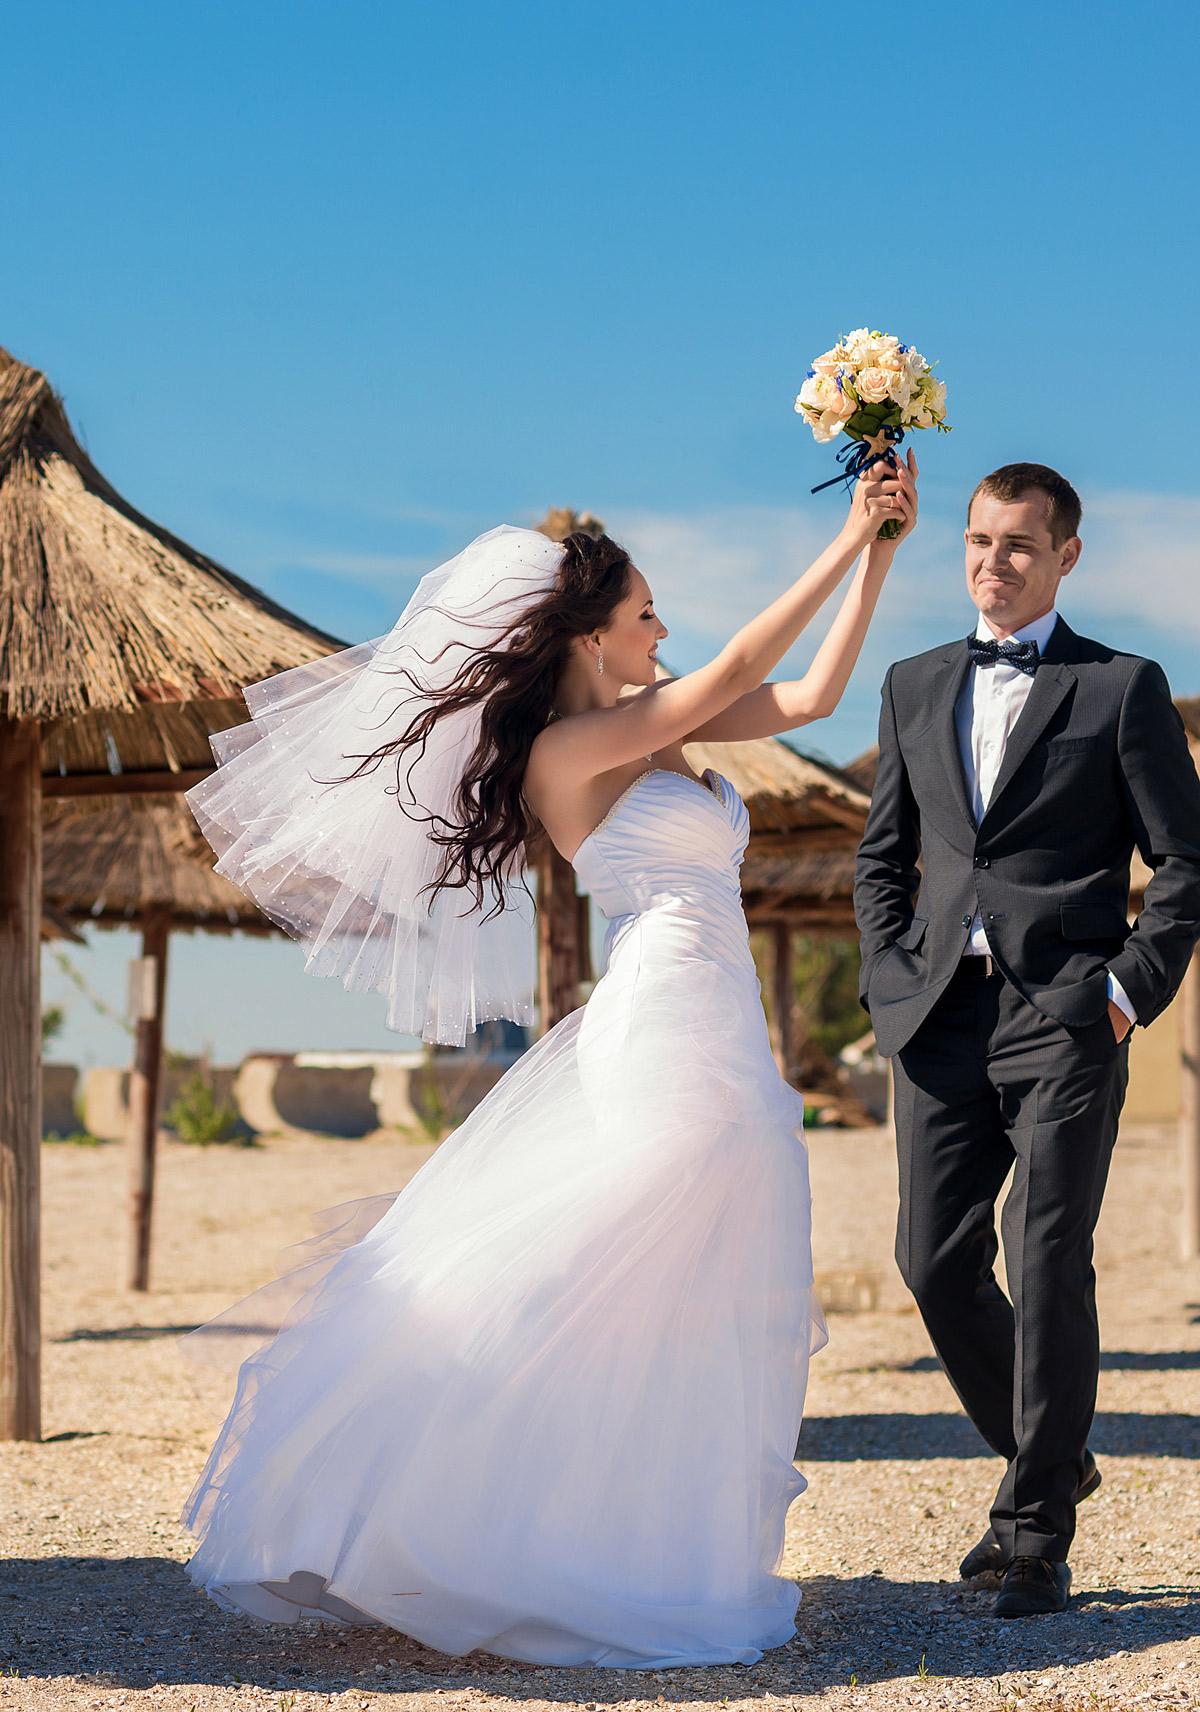 Mete viaggi di nozze